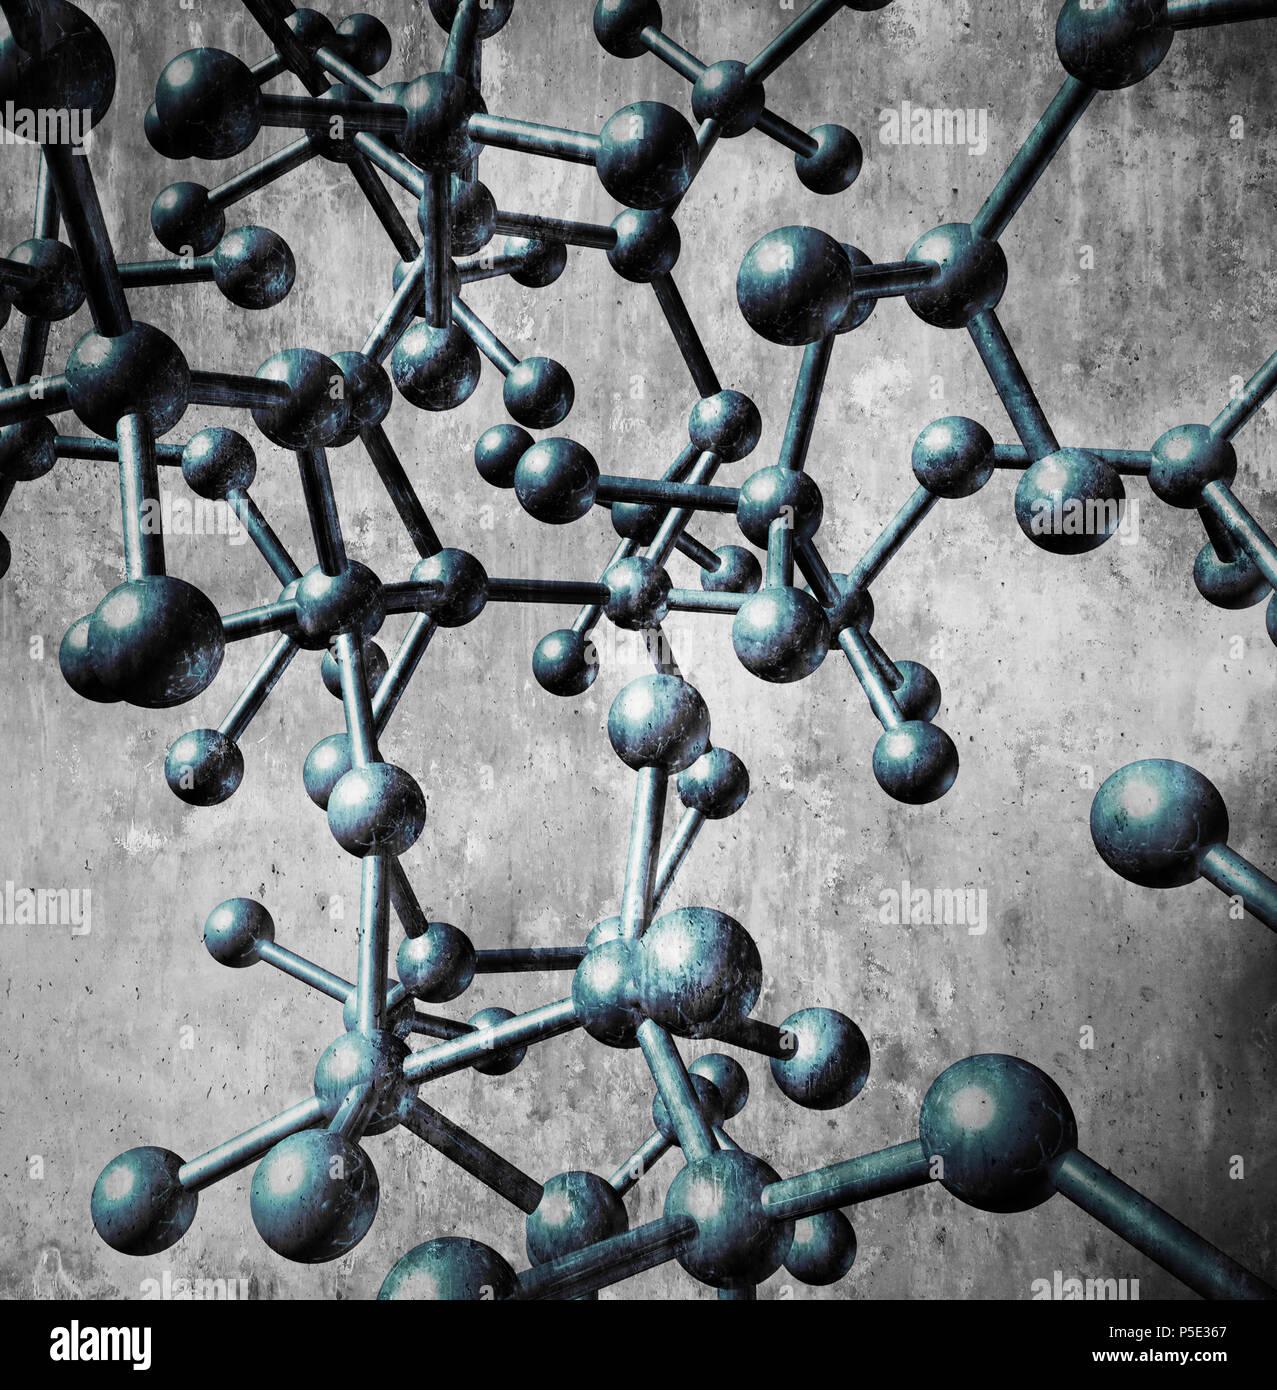 Icono de molécula concepto como un grupo de átomos tridimensional en un fondo azul conectados por enlaces químicos como una ciencia molecular. Imagen De Stock